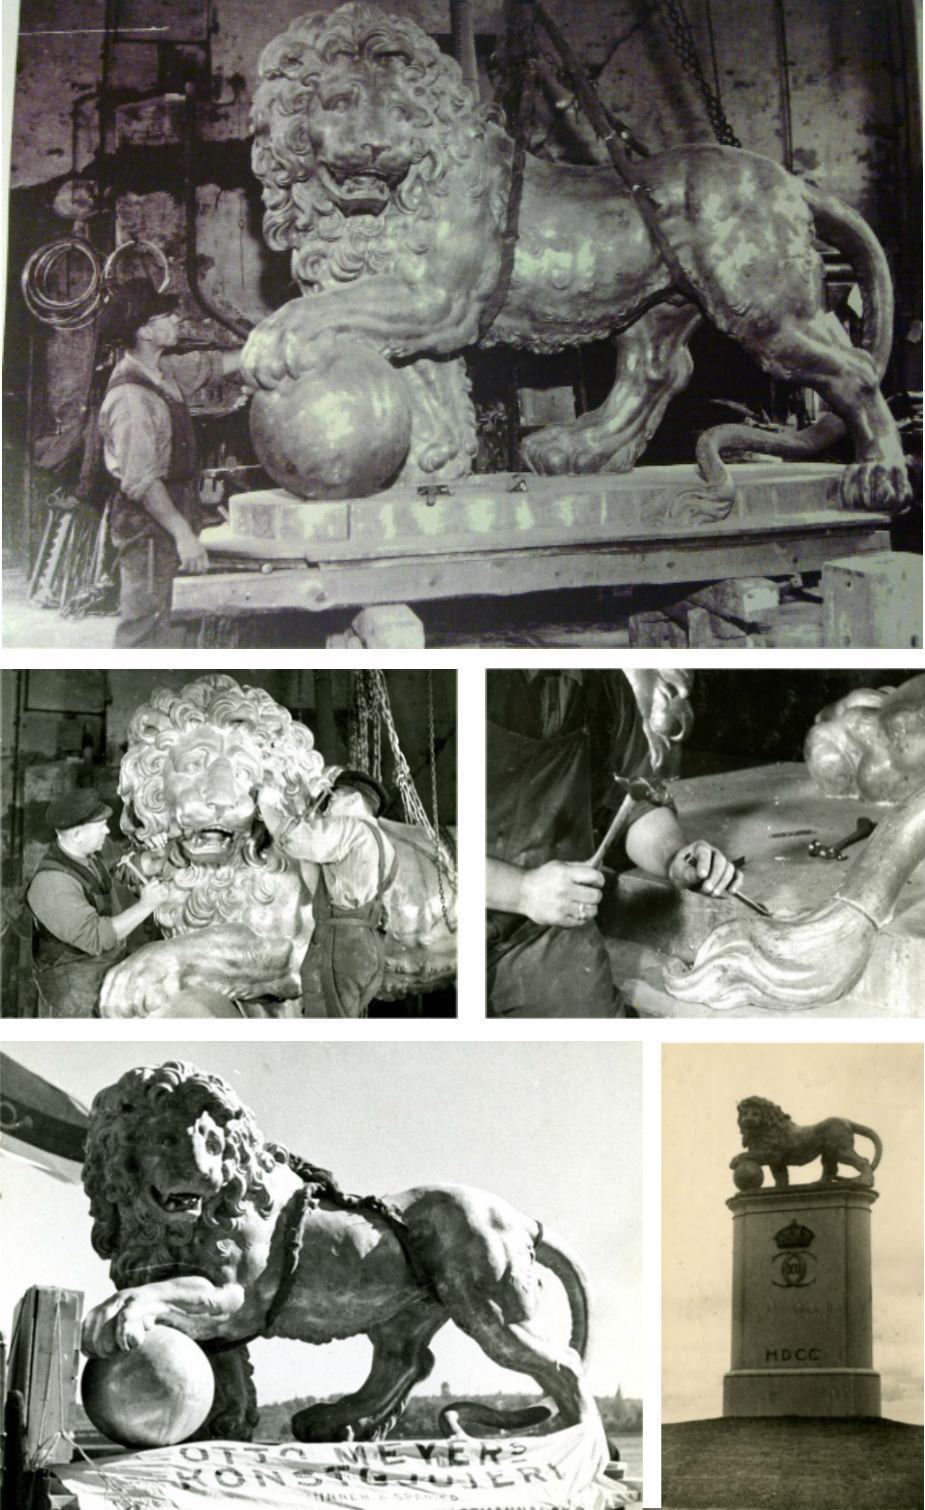 Foton ur Otto Meyers arkiv hos Centrum för Näringslivshistoria.